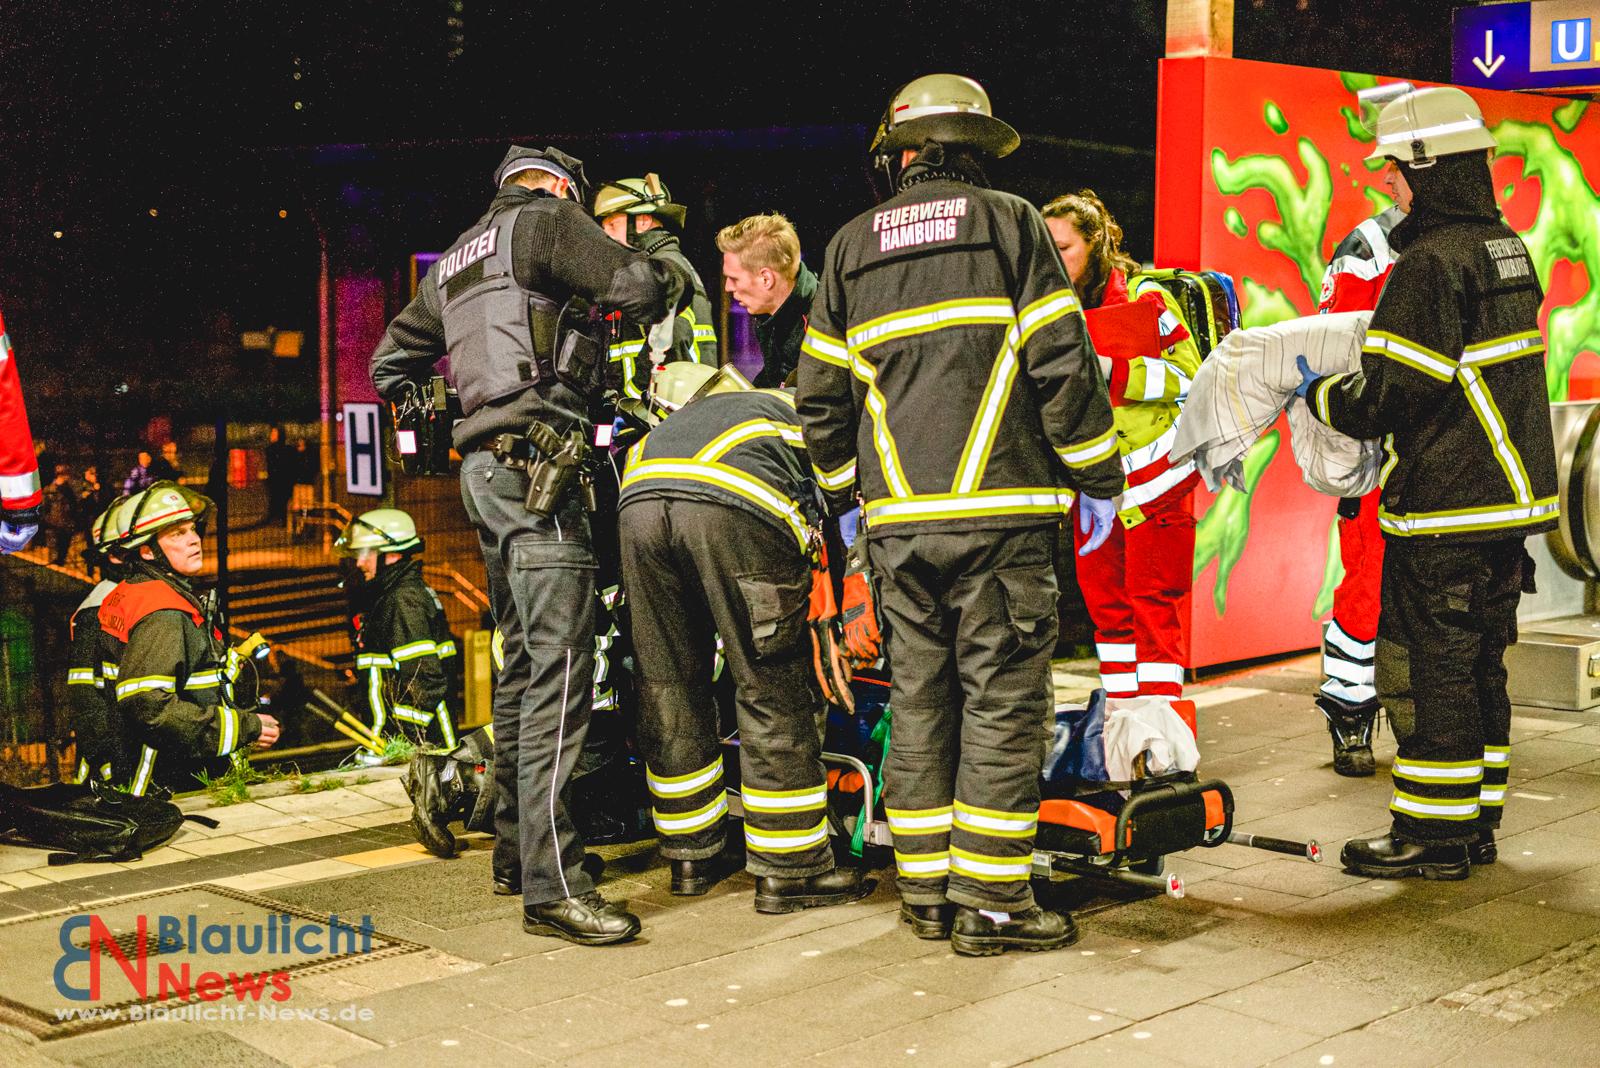 Versuchte Flucht vor der Polizei – Sprung ins Gleisbett endet mit schweren Verletzungen